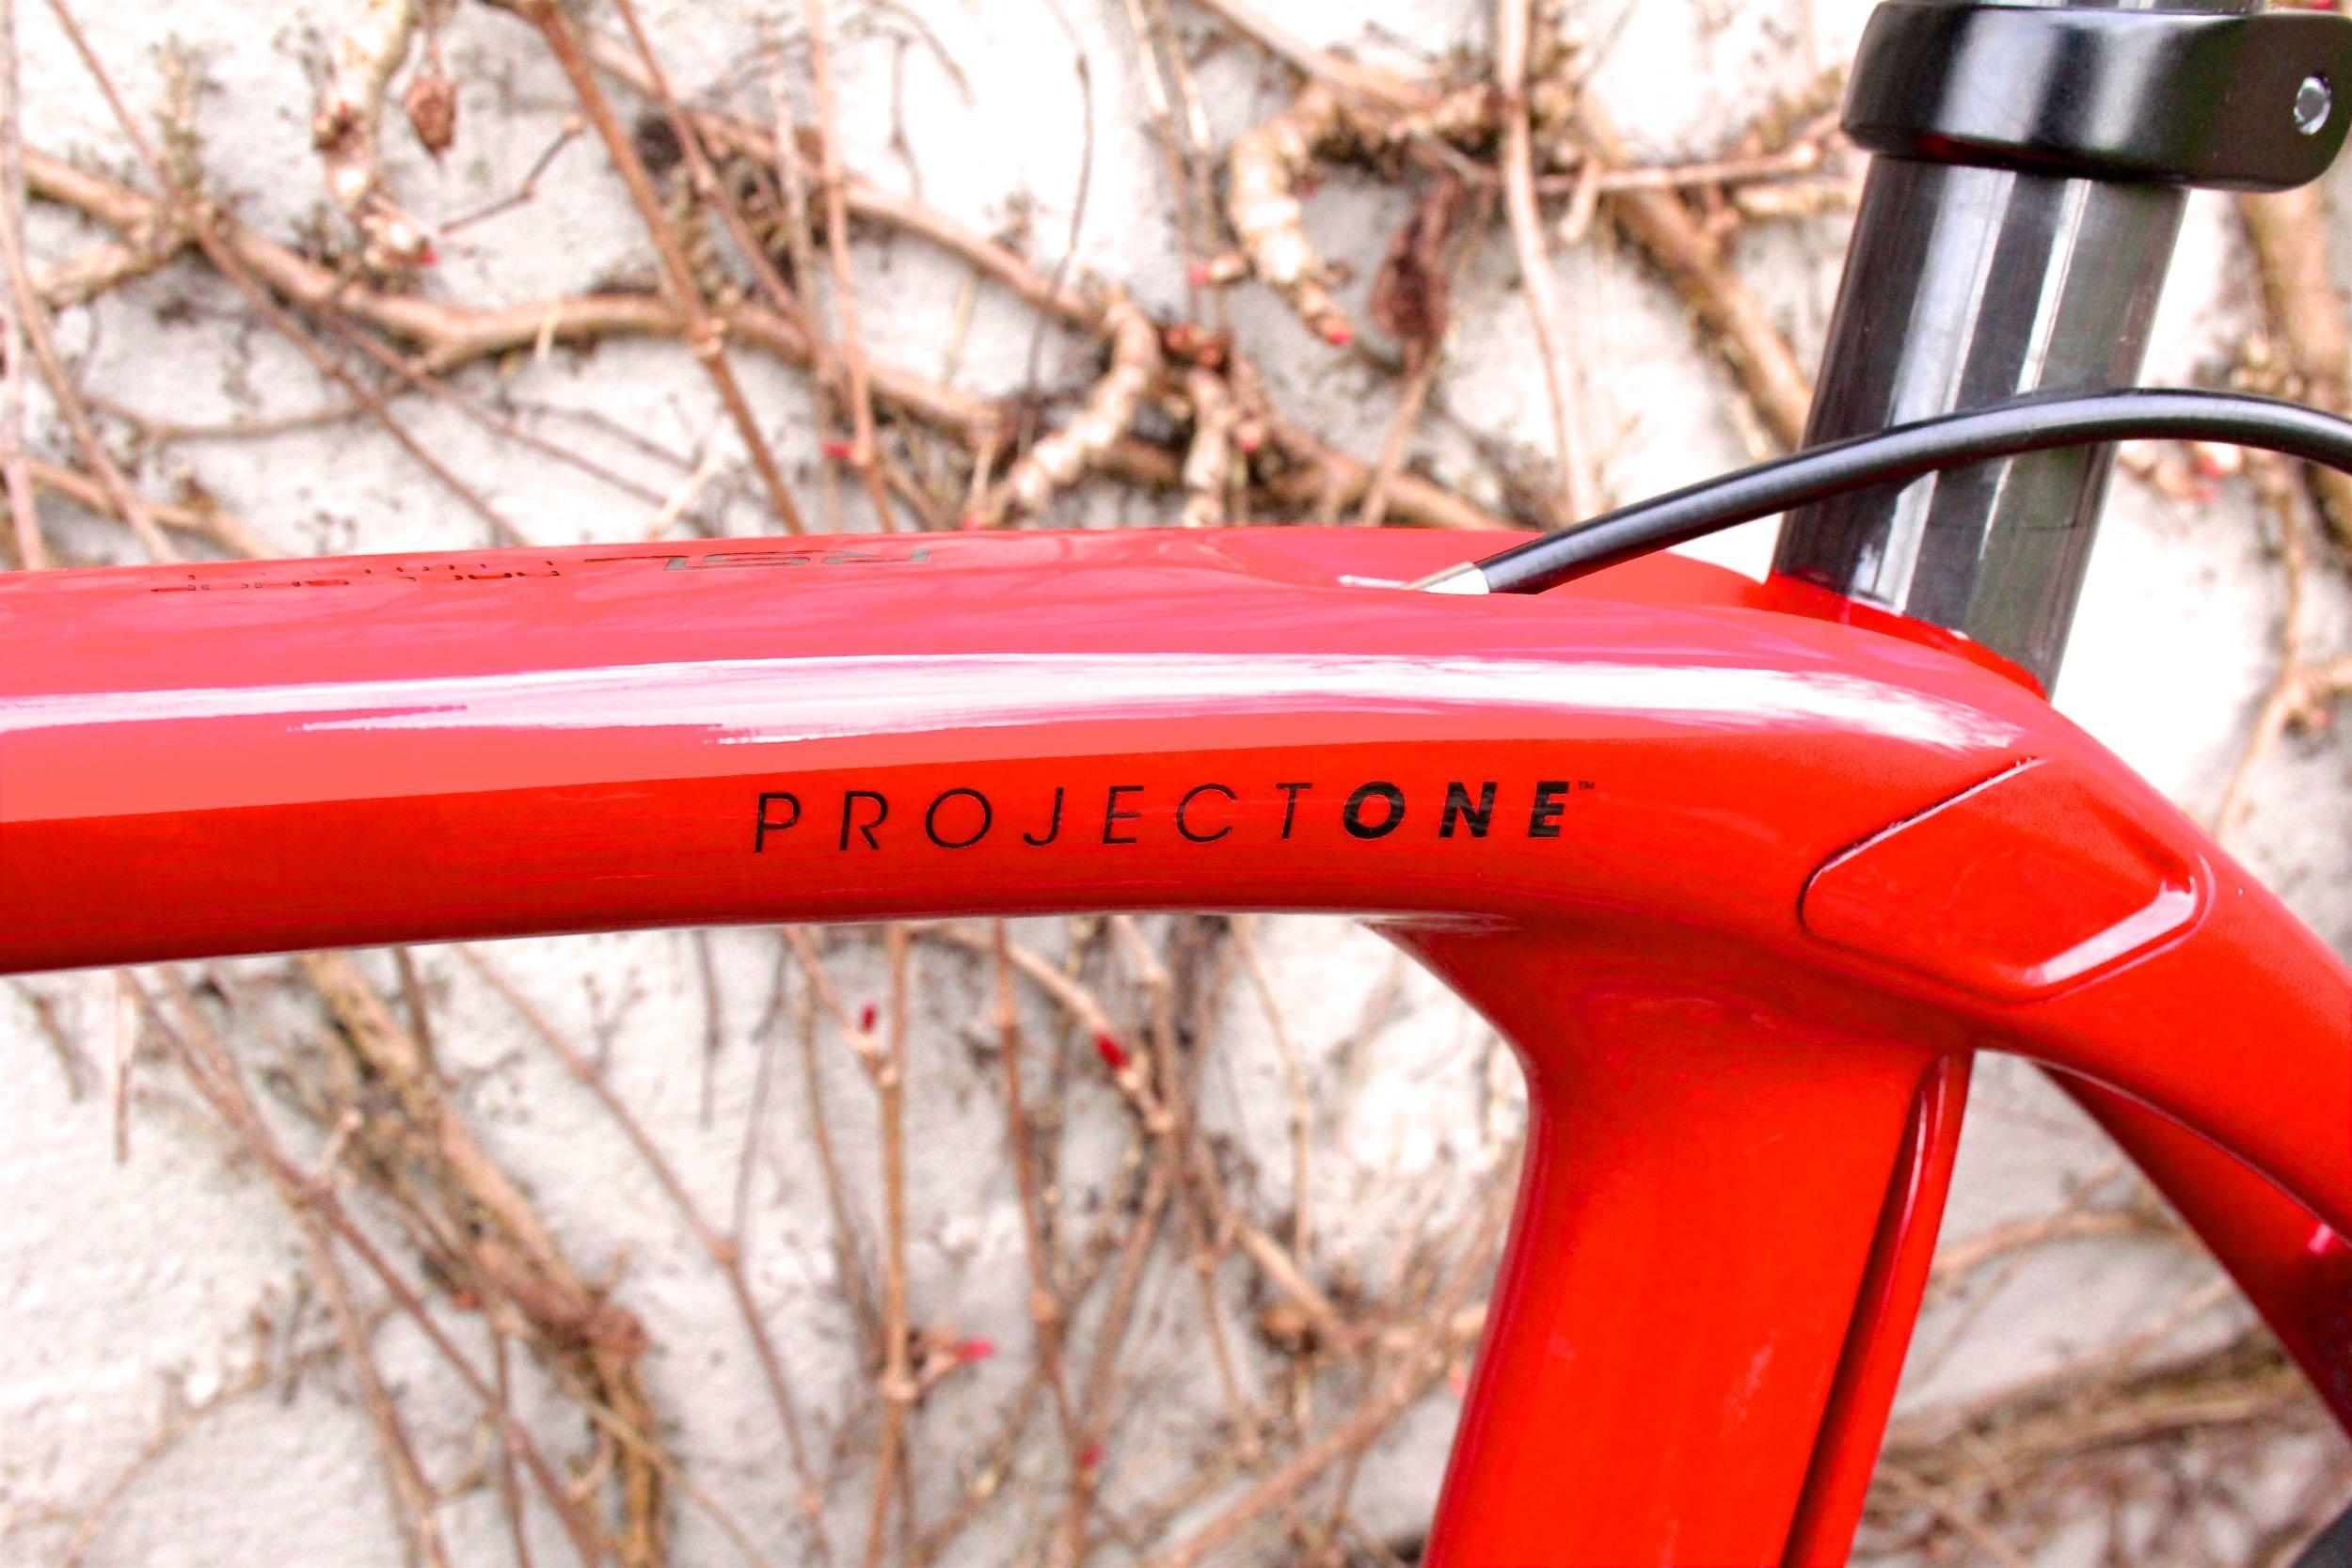 a6c3b3943f4 Discs for Trek Domane SLR soon - Bike Hugger